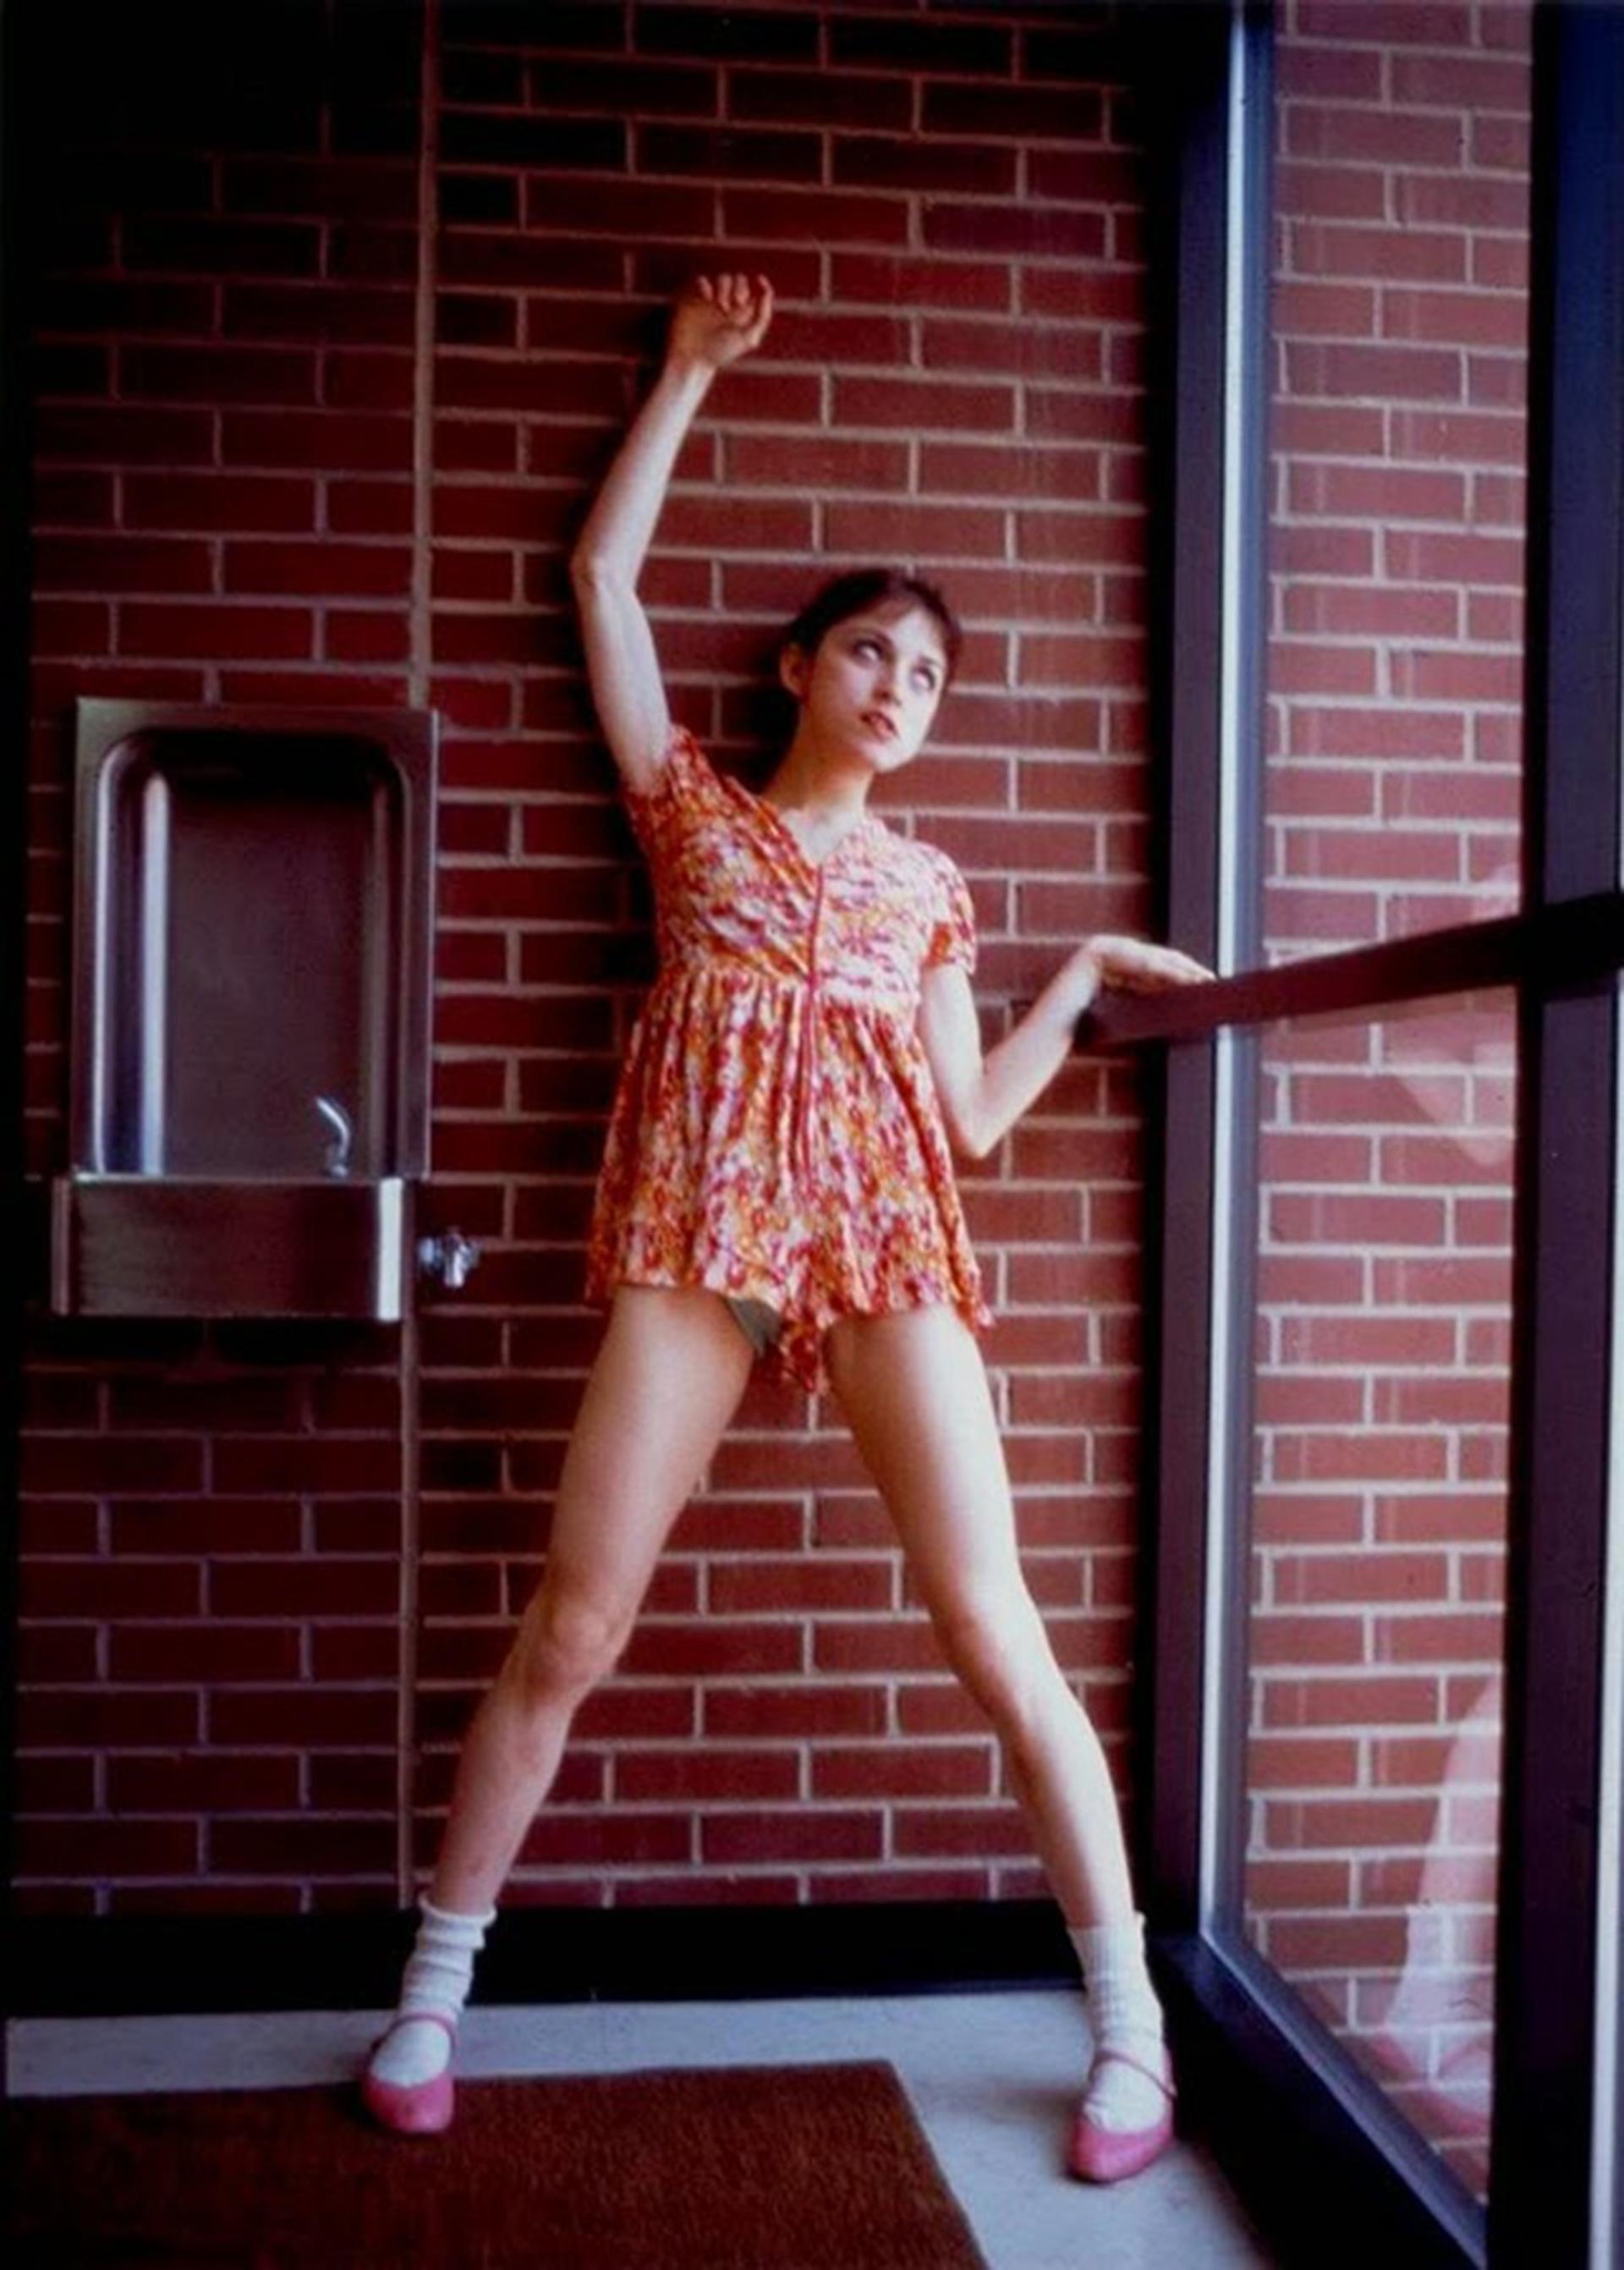 En simultáneo con la escuela empezó su formación artística con clases de danza que luego continúo en la Universidad de Michigan donde obtuvo una beca